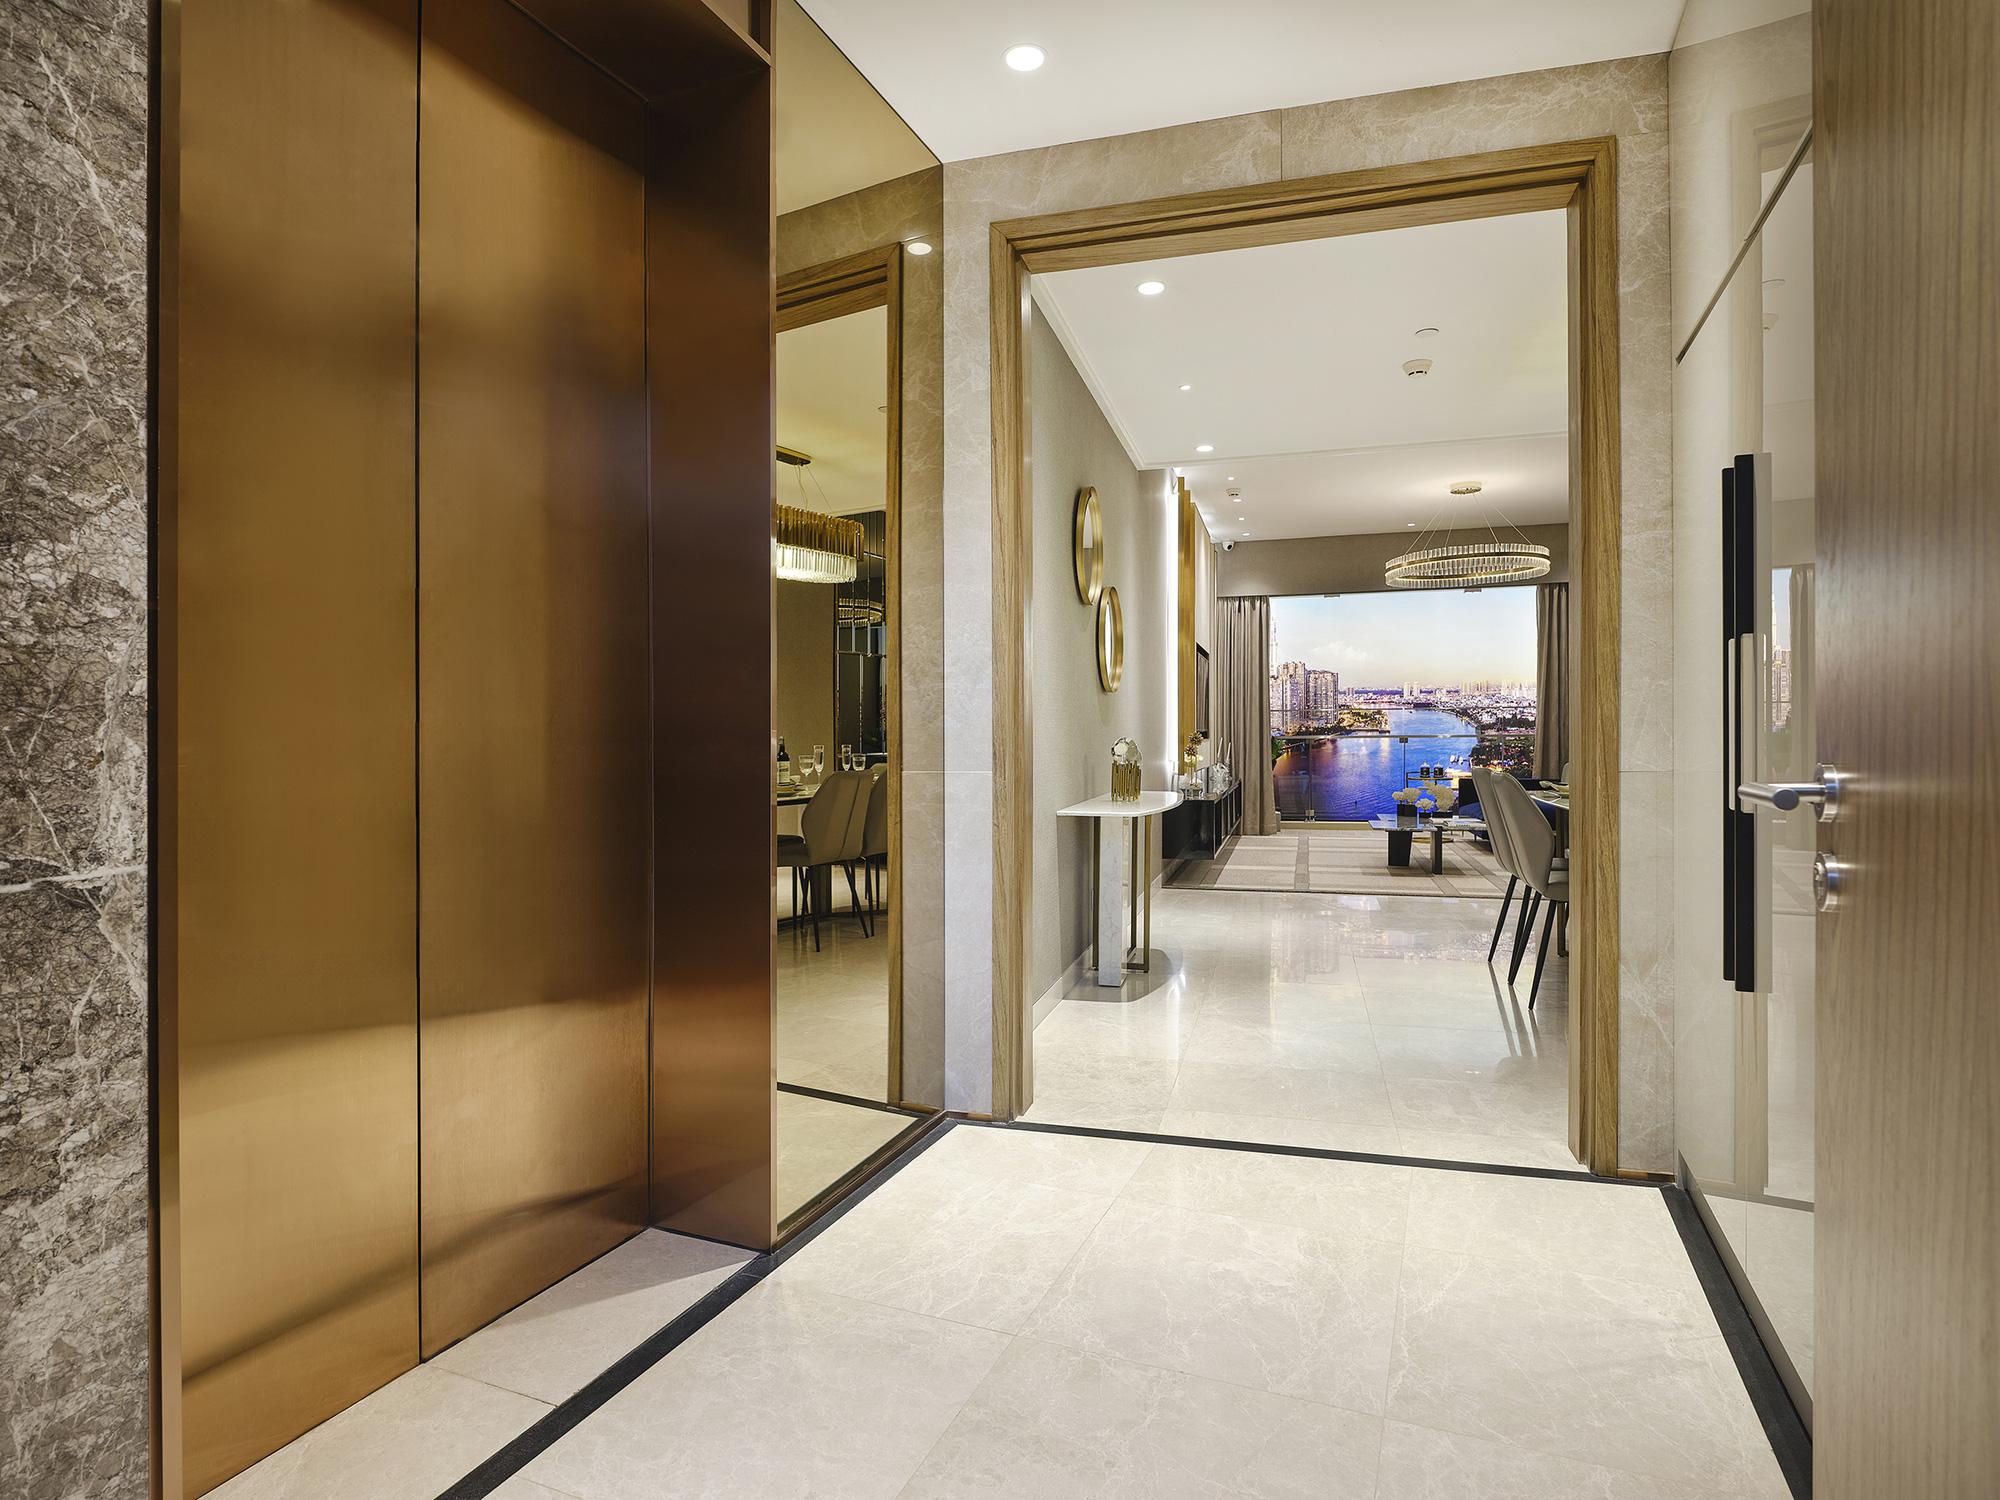 Đưa thời trang vào thiết kế nội thất – Sự xuất hiện ngoạn mục của những căn hộ đầy cảm hứng tại The River - Ảnh 8.